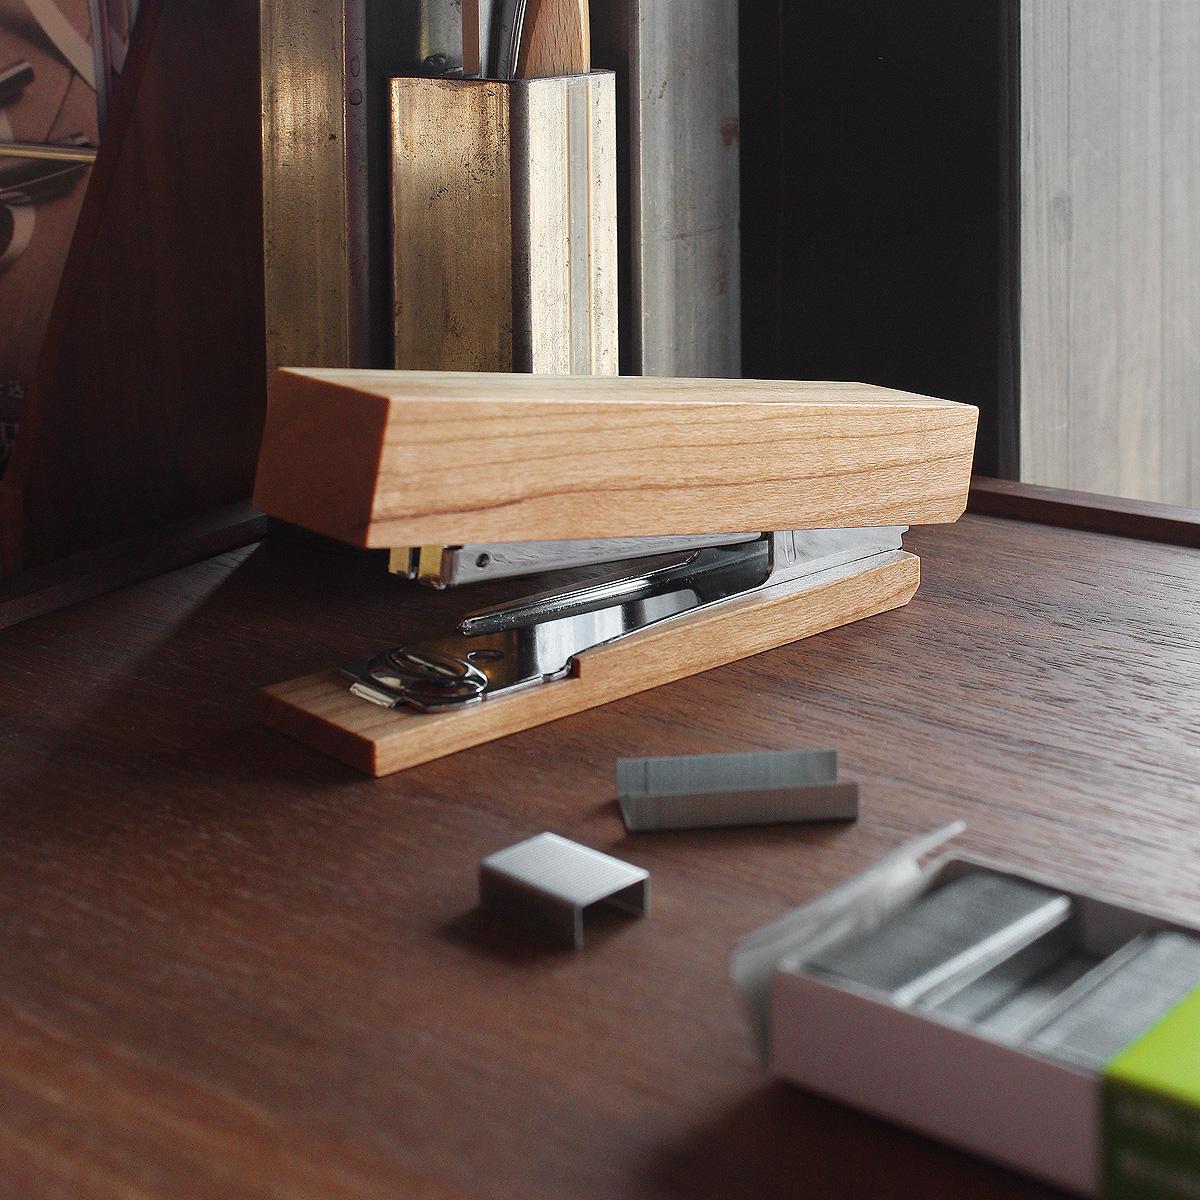 木を削りだしたおしゃれなデザインのホッチキス「Stapler」